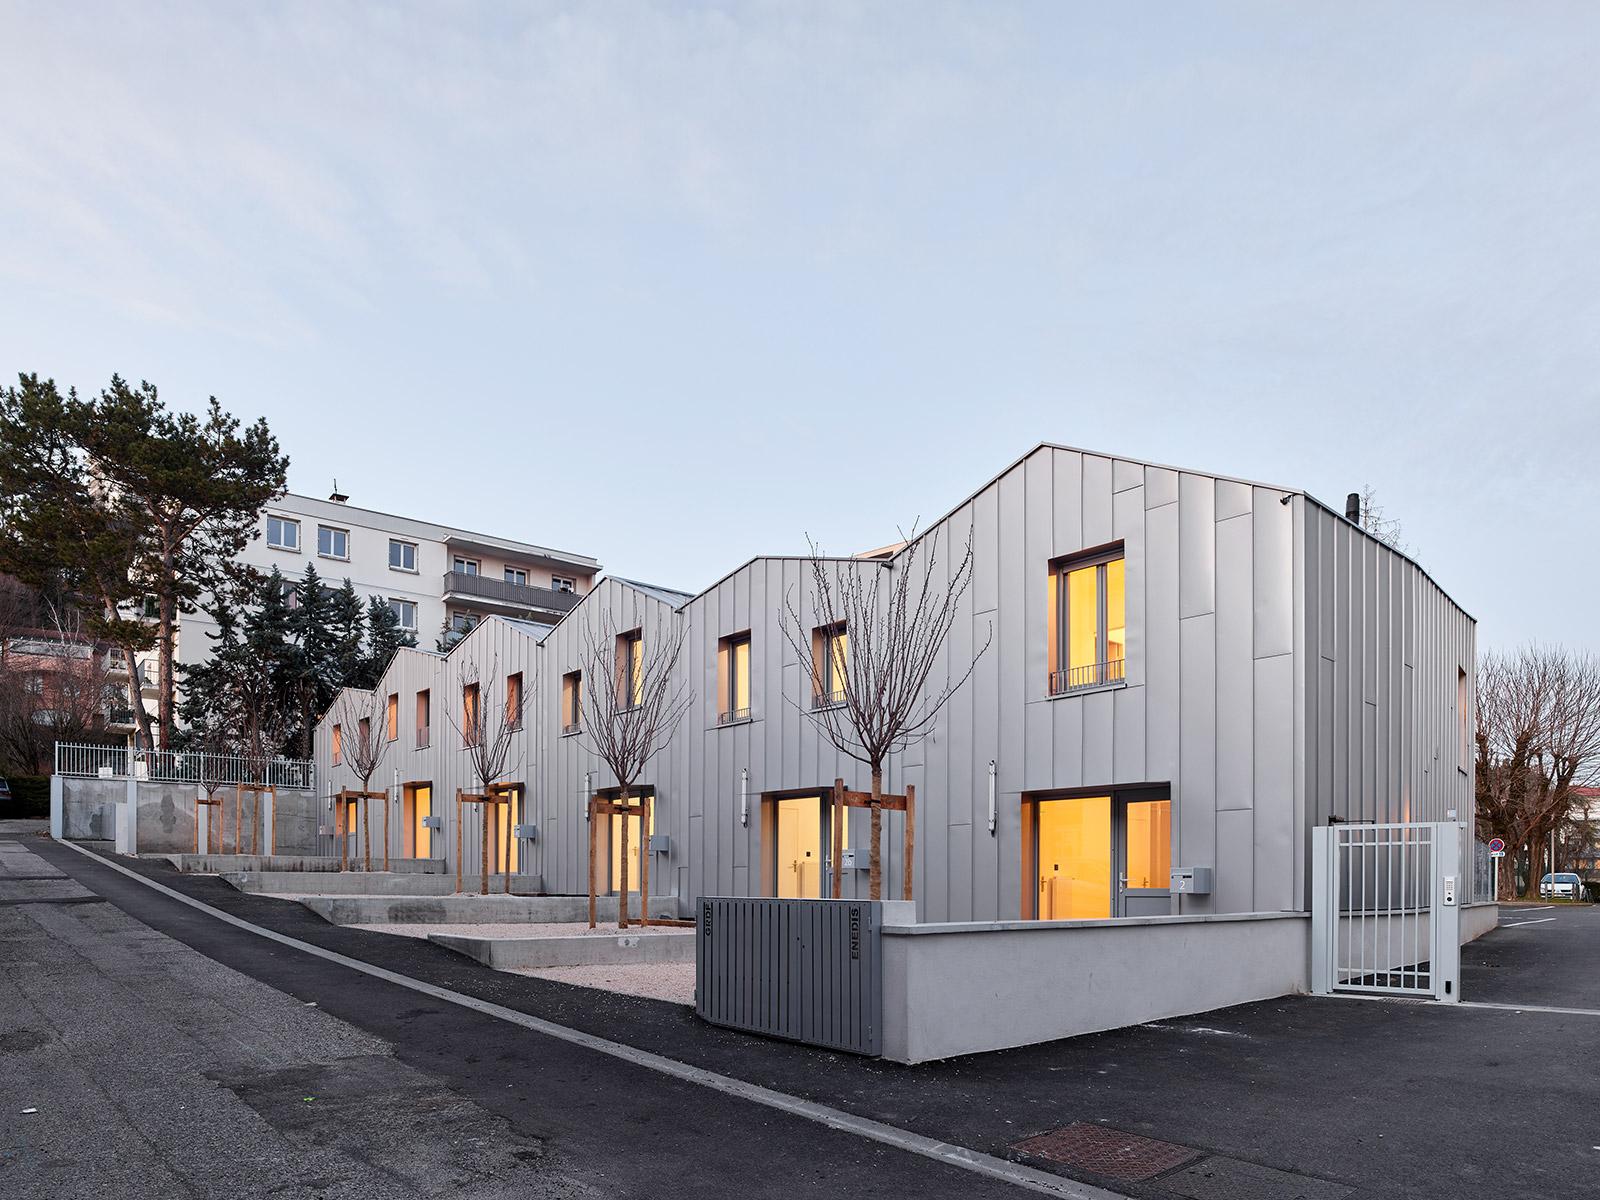 logements collectifs sociaux à Lyon maisons en bande en pente avec bardage métallique en acier façon zinc à joint debout